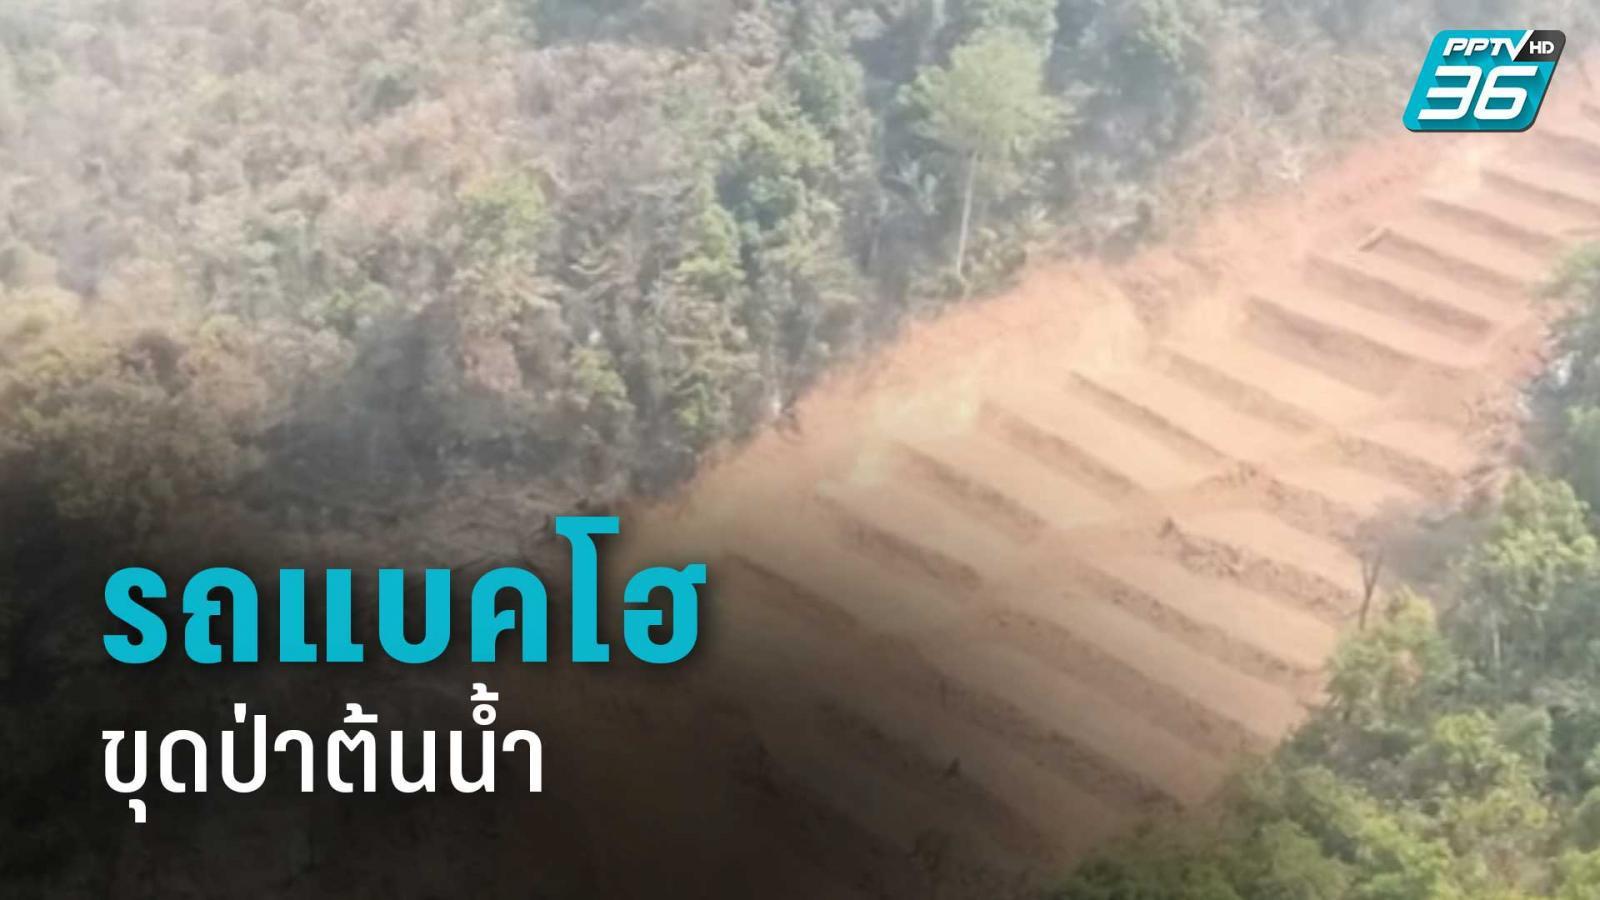 ตรวจสอบรถแบคโฮขุดป่าต้นน้ำ เตรียมทำนาขั้นบันได